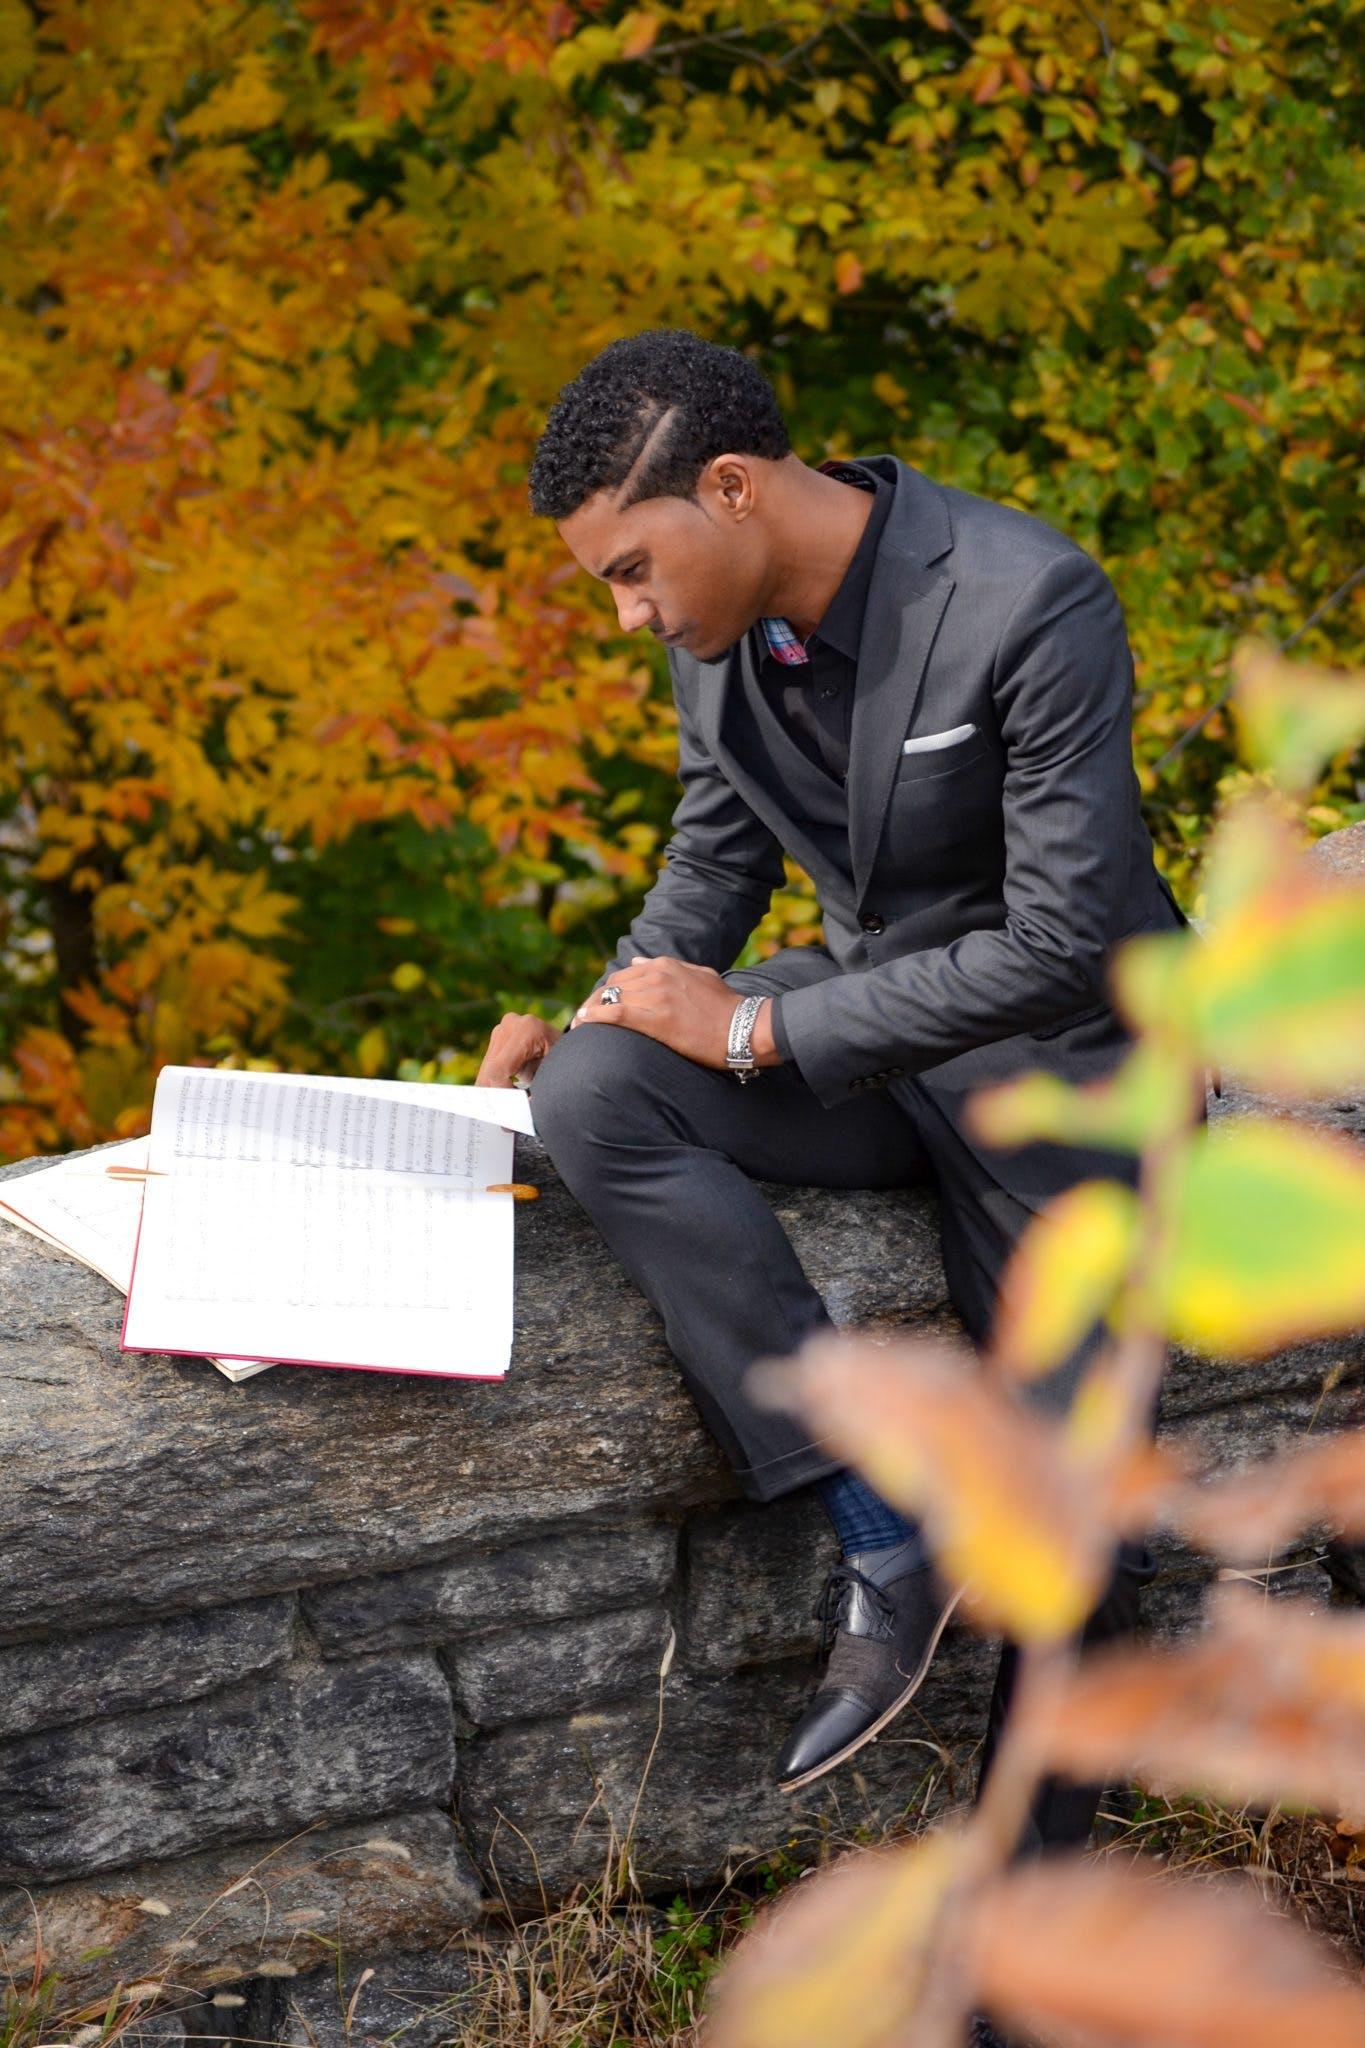 Man Wearing Black Suit Reading Book